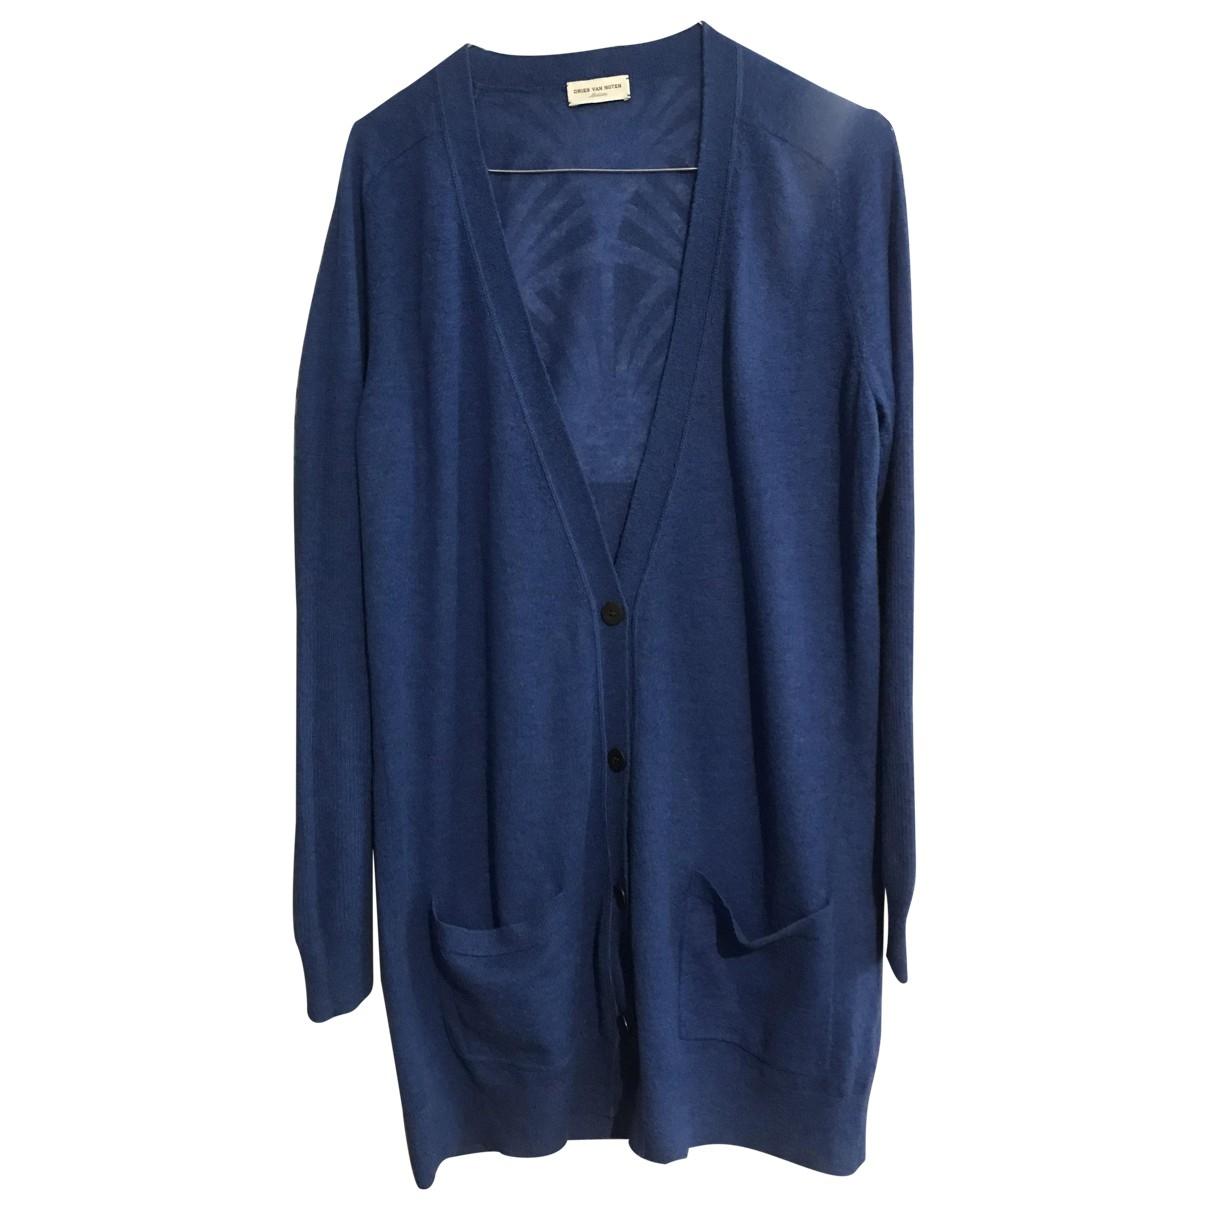 Dries Van Noten \N Pullover in  Blau Wolle